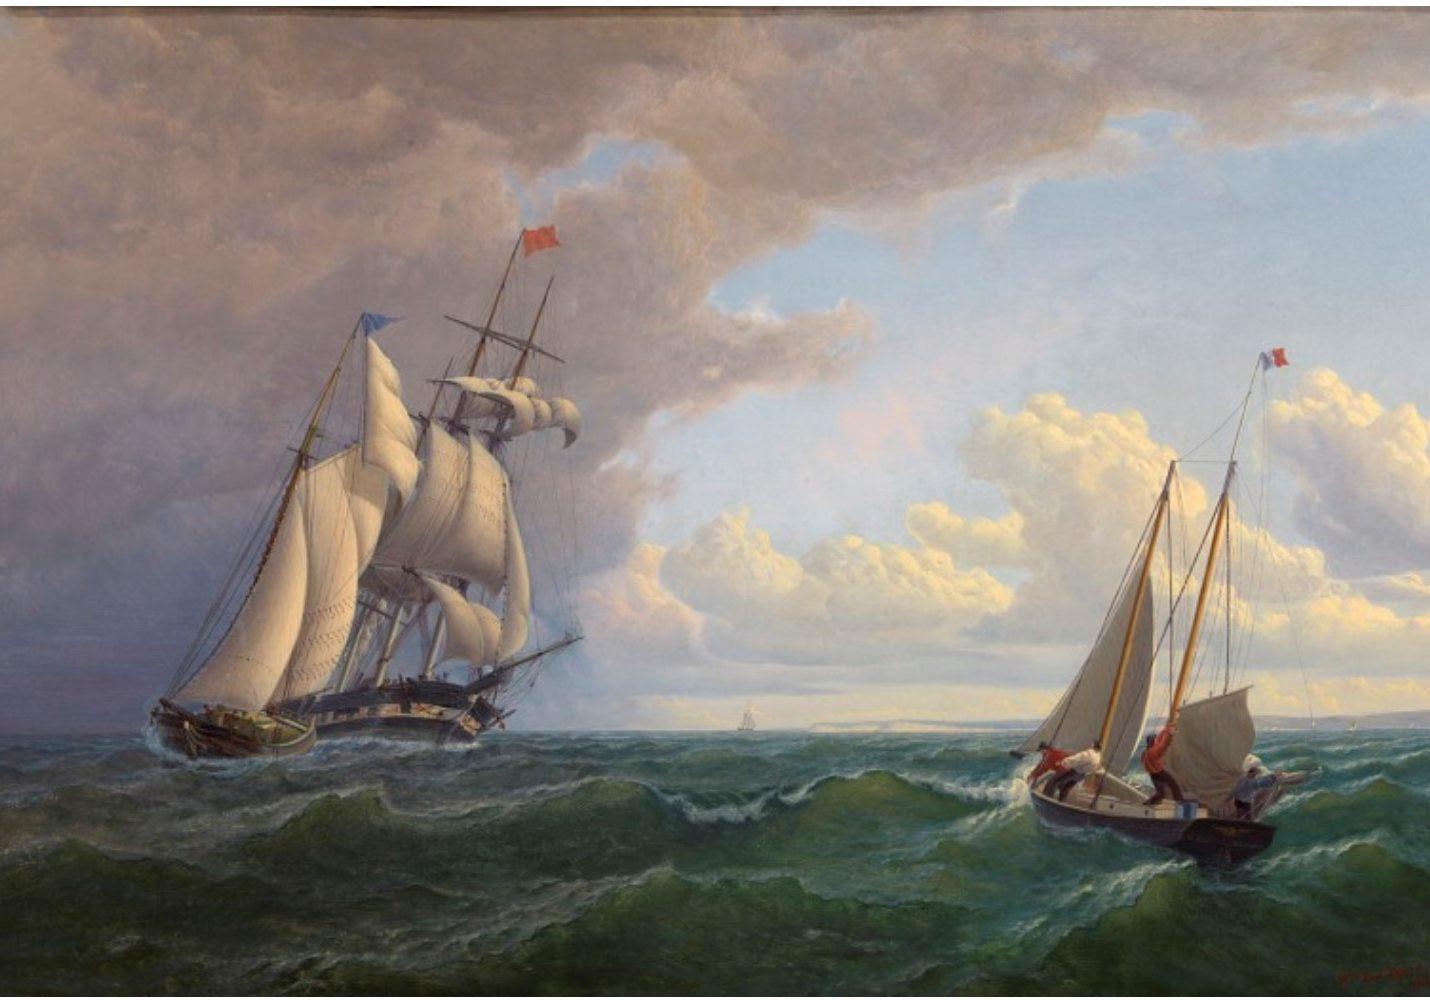 Whaler Off The Vineyard Outward Bound By William Bradford, 1859